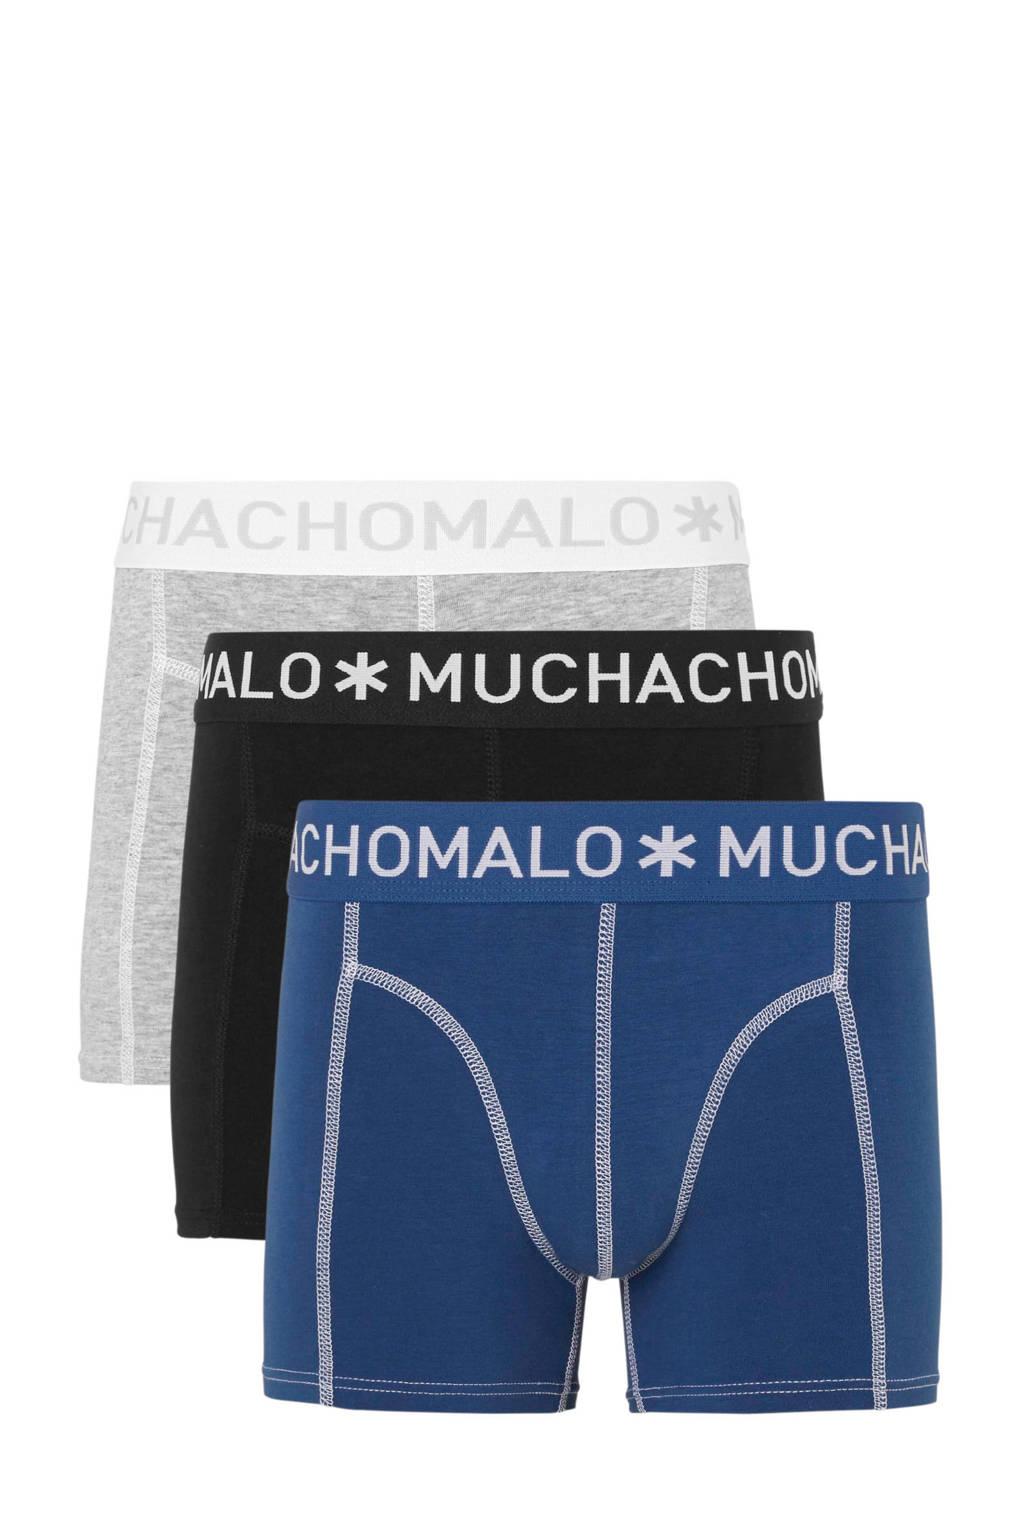 Muchachomalo   boxershort - set van 3, Blauw/Grijs/Zwart